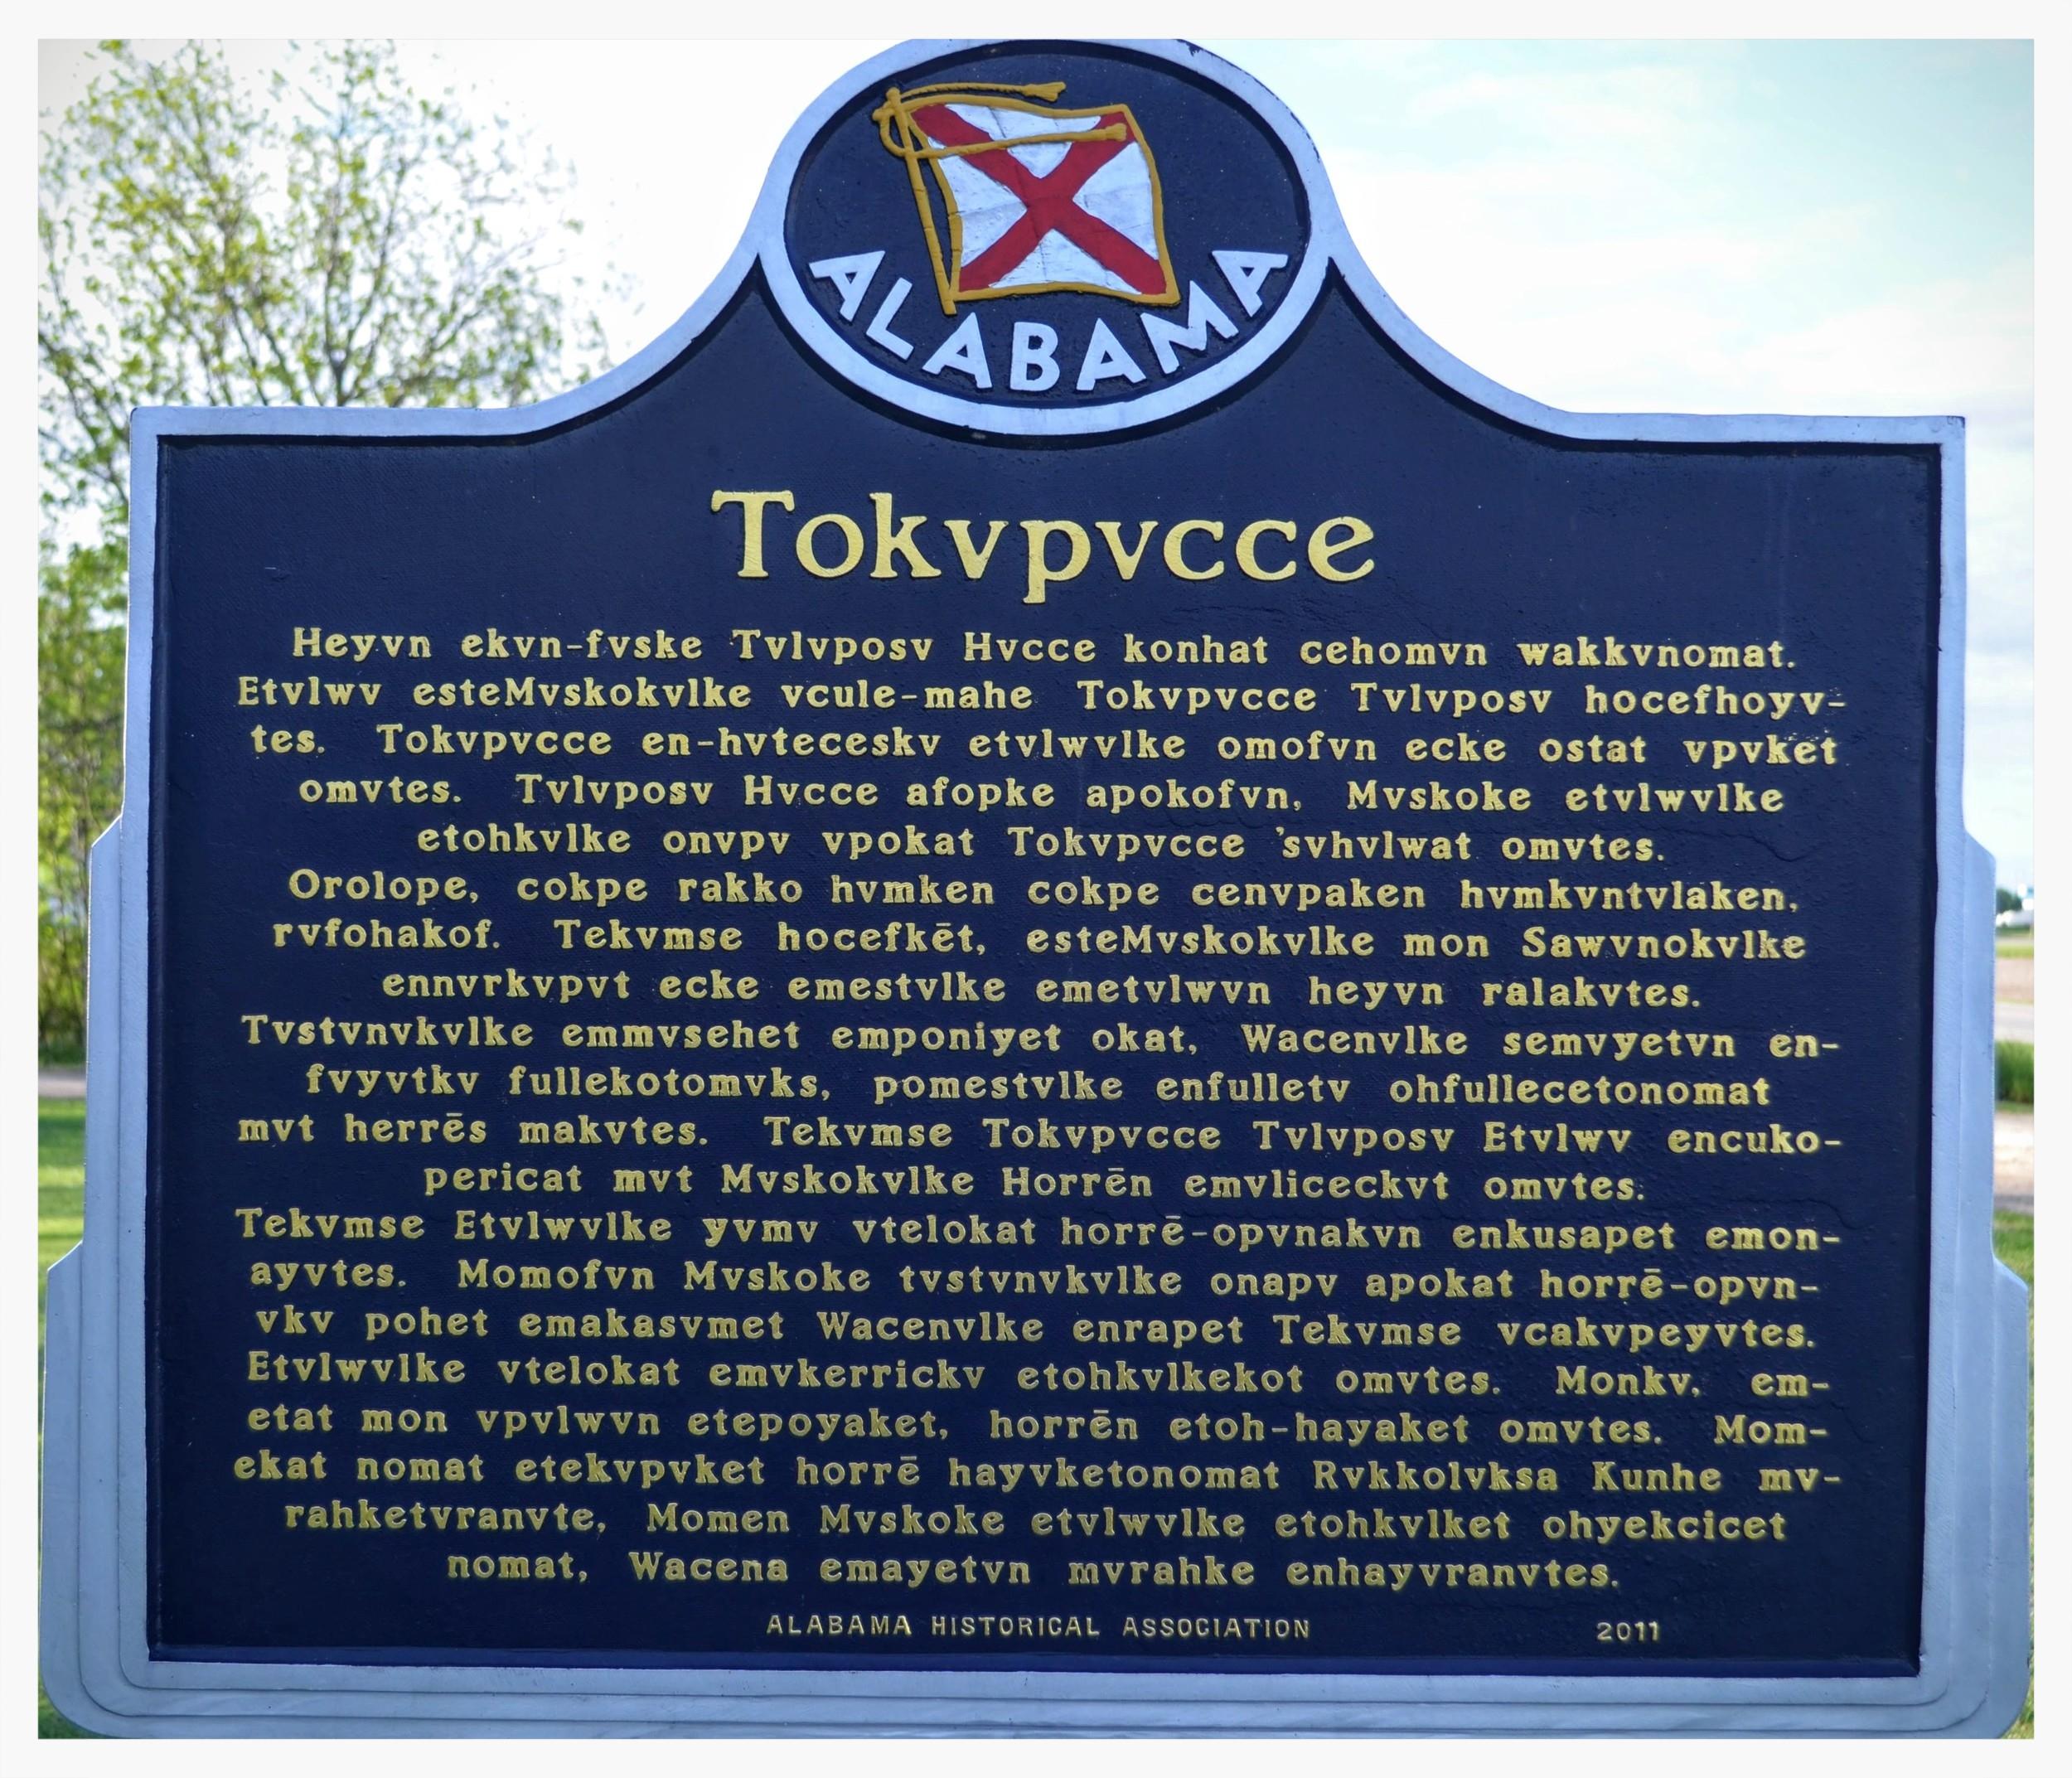 Tukabatcee historical marker reverse side written in Muskogee, Elmore County, Alabama